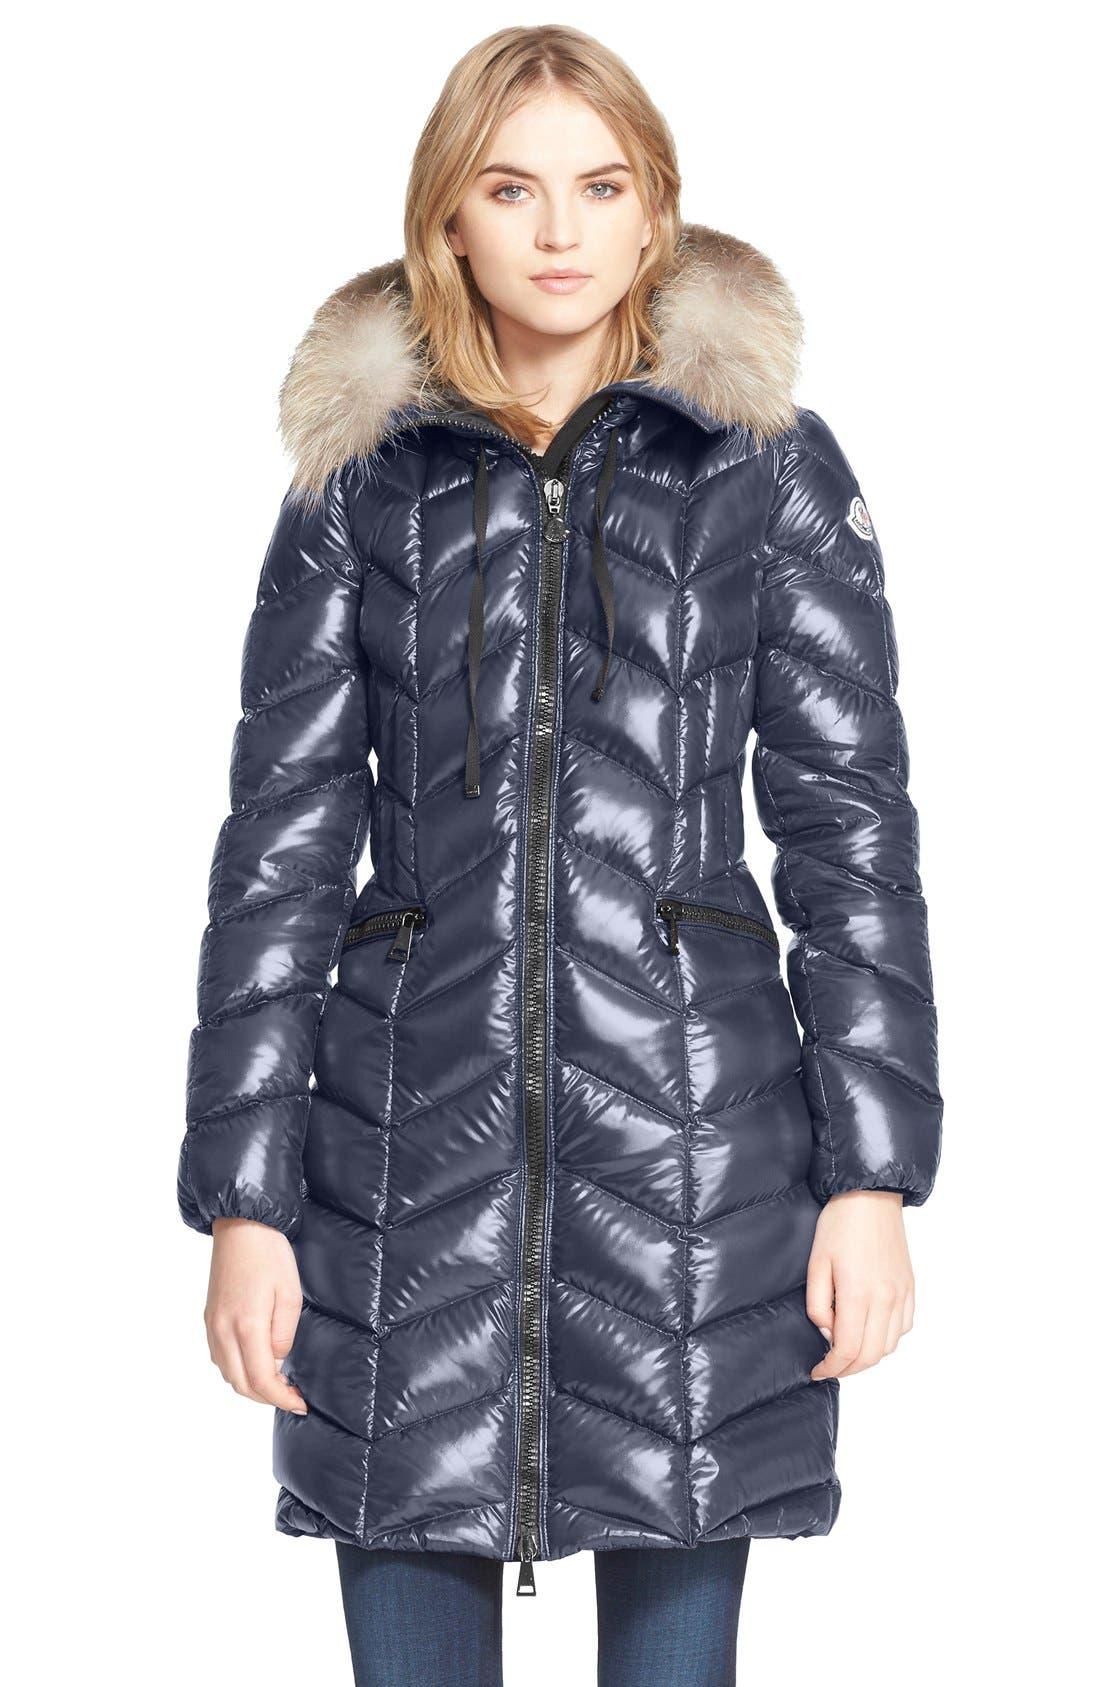 moncler bellette fur trim puffer coat for sale. Black Bedroom Furniture Sets. Home Design Ideas